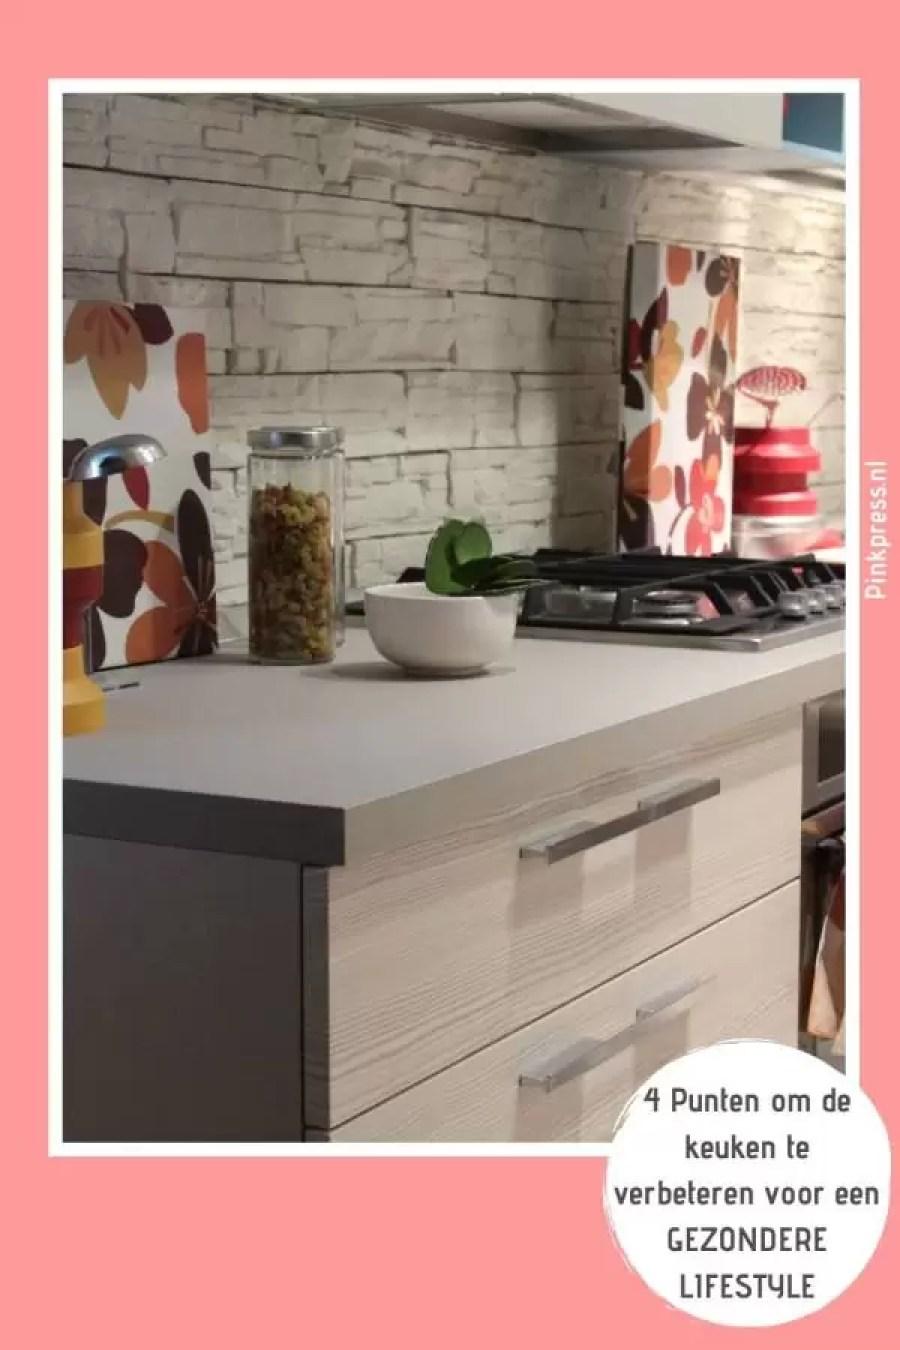 4 Punten om de keuken te verbeteren voor een gezondere lifestyle - Een healthy lifestyle begint in de keuken | interieur inspiratie